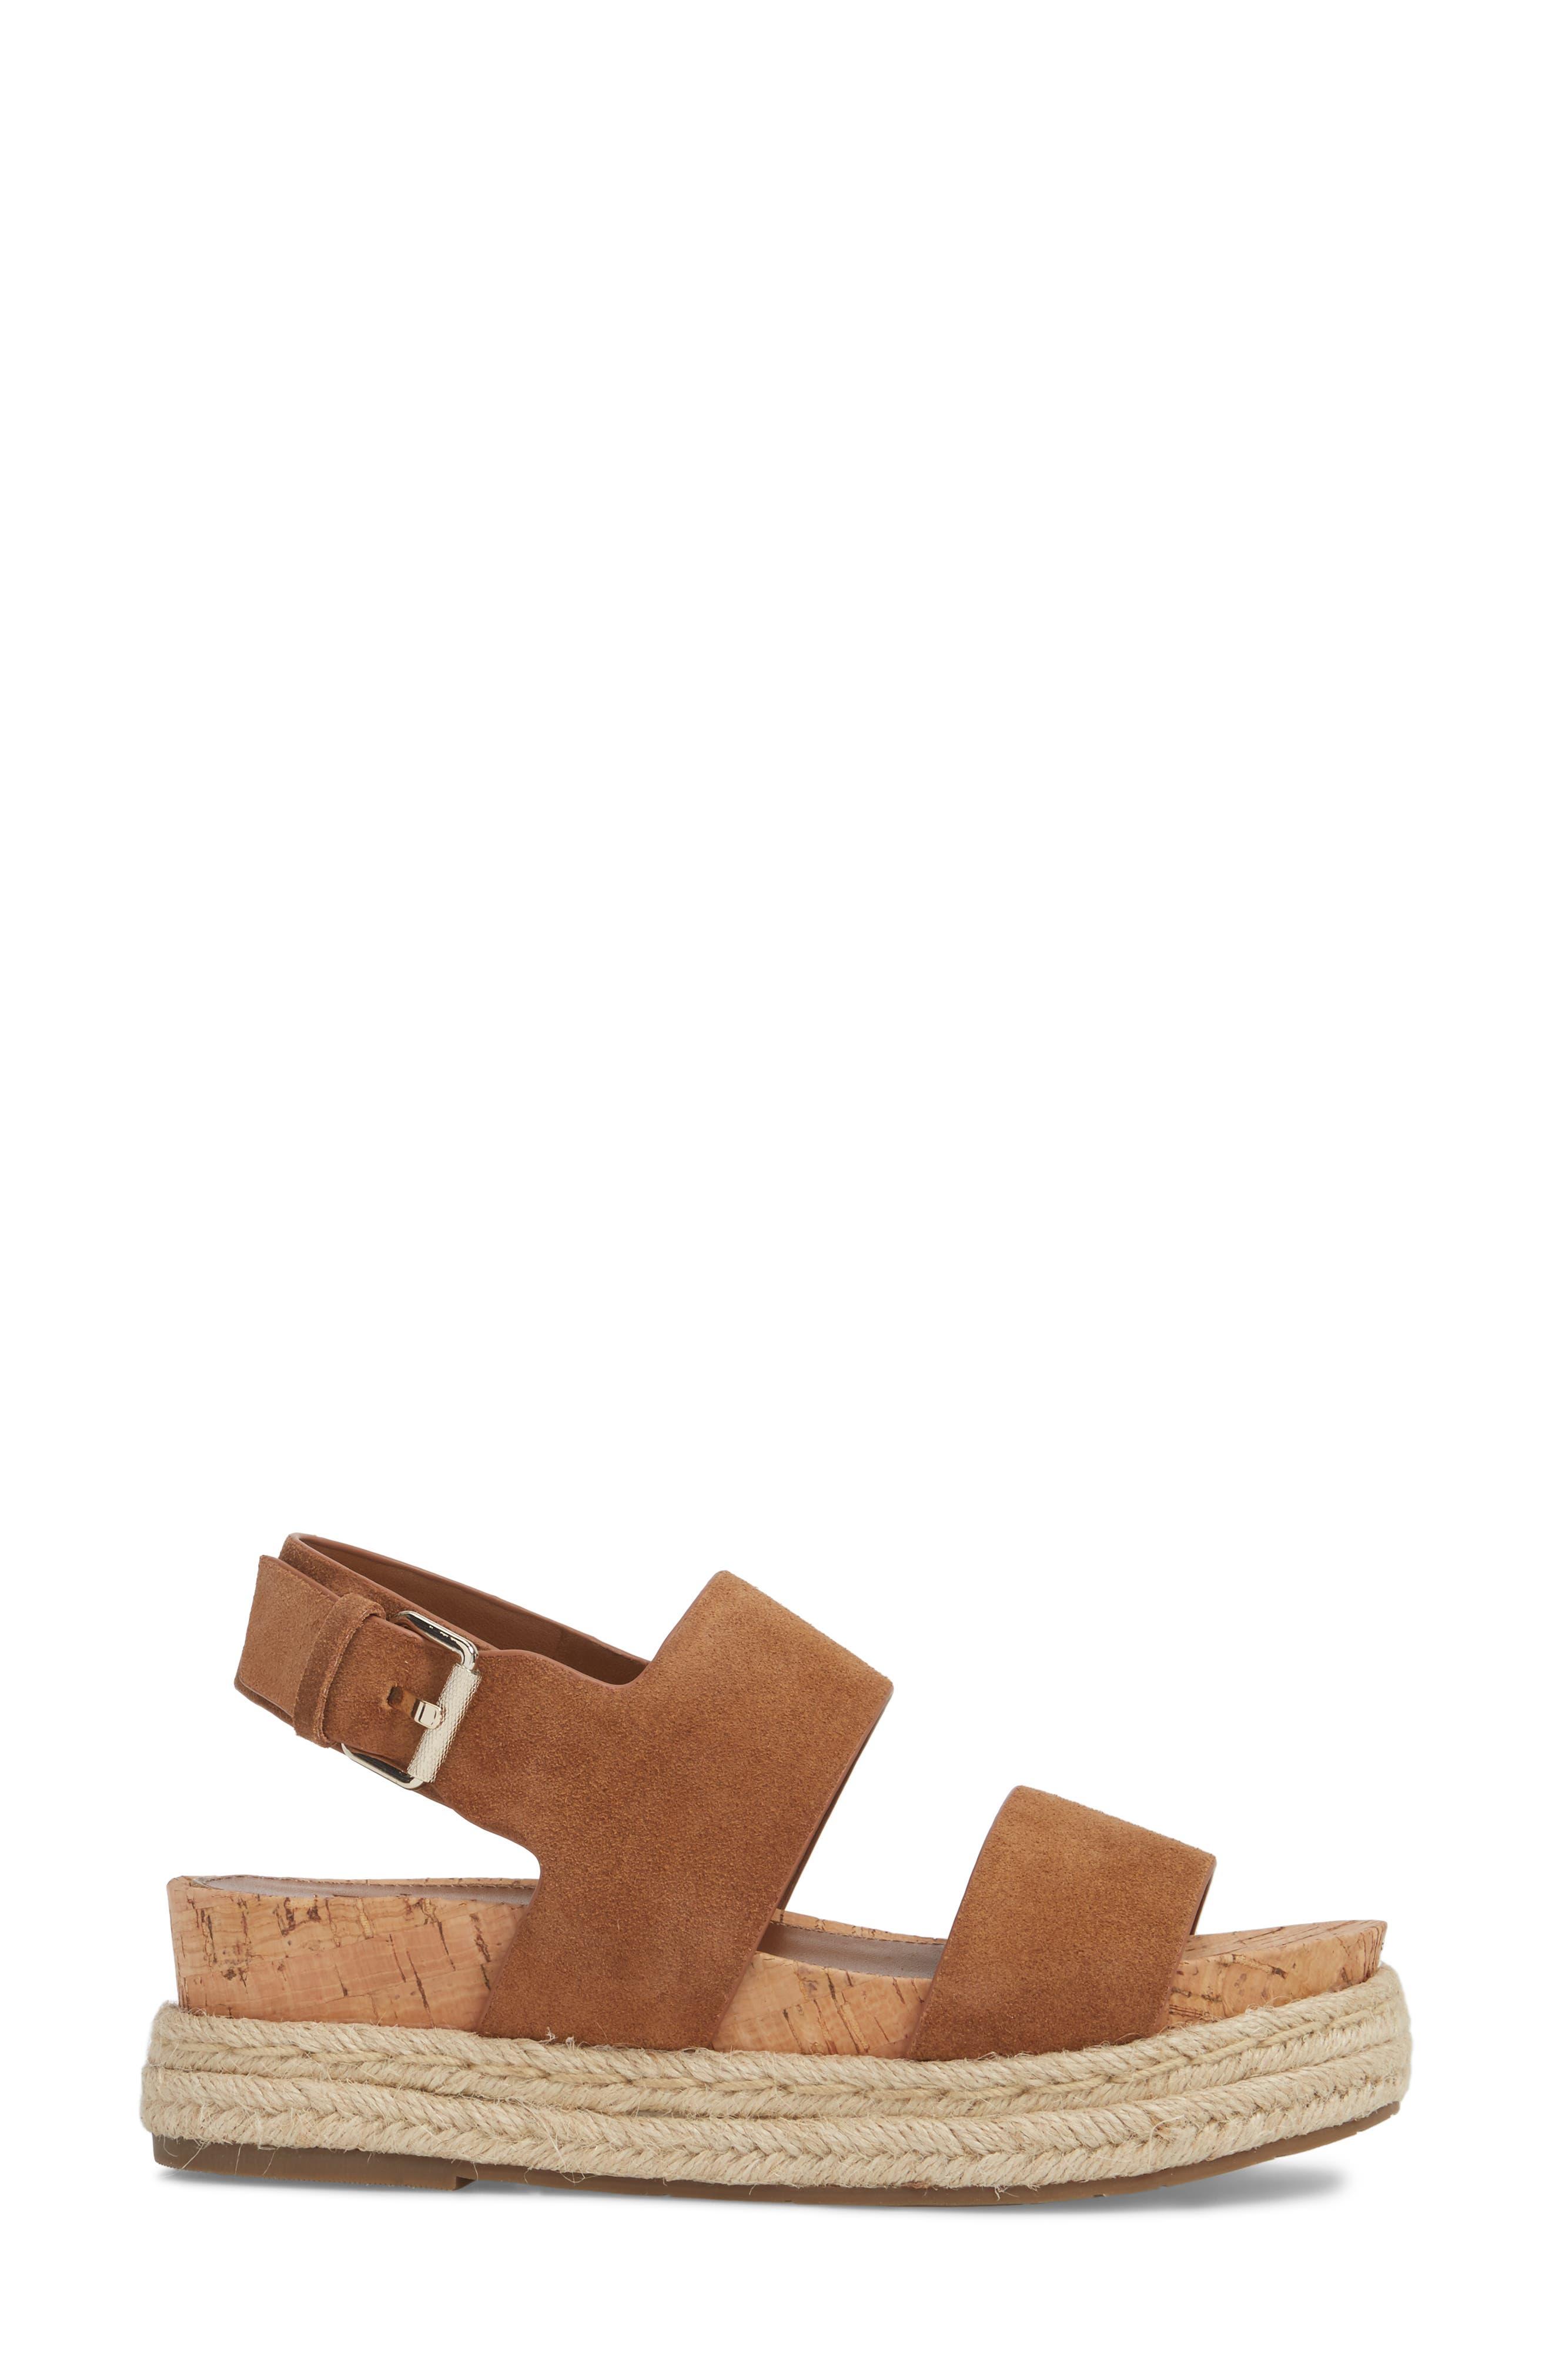 Oria Espadrille Platform Sandal,                             Alternate thumbnail 3, color,                             COGNAC SUEDE